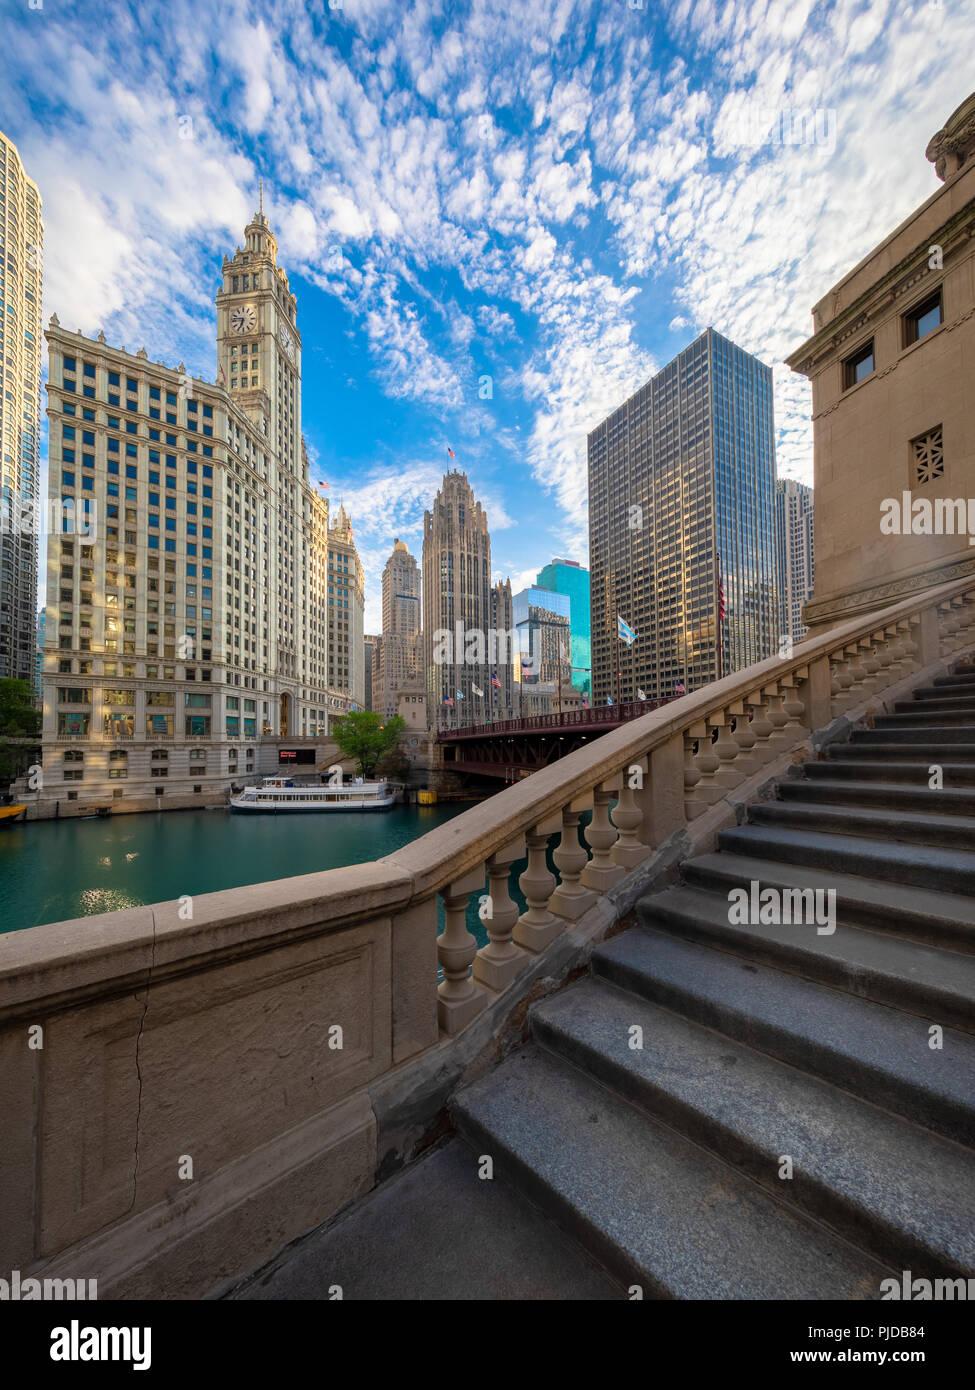 Chicago, una ciudad en el estado norteamericano de Illinois, es la tercera ciudad más poblada de los Estados Unidos. Imagen De Stock